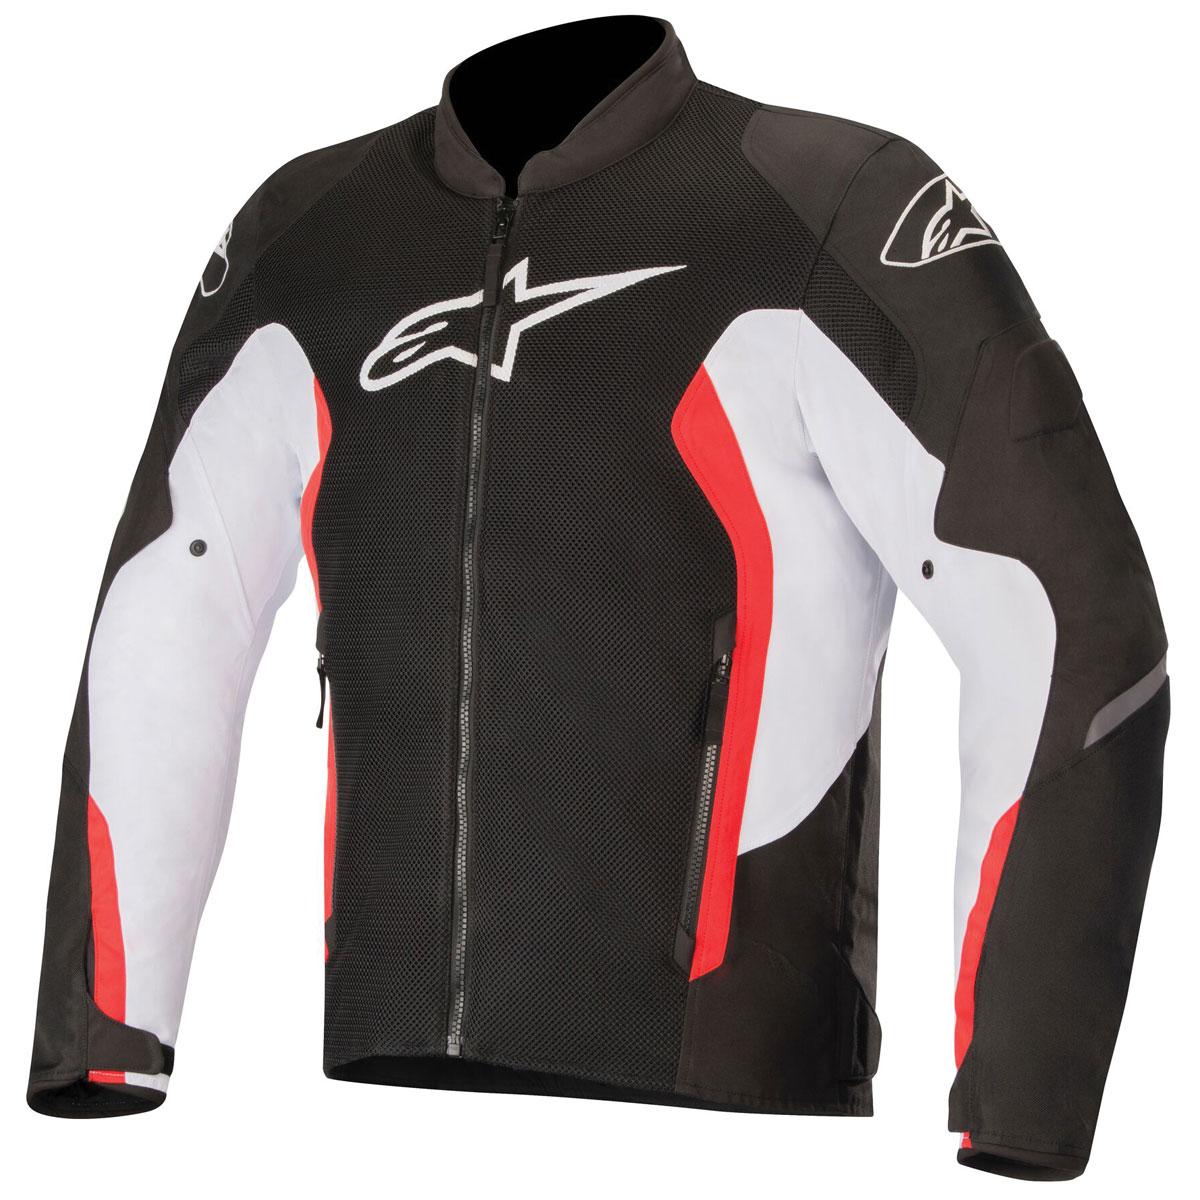 Alpinestars Men's Viper v2 Air Black/White/Bright Red Jacket